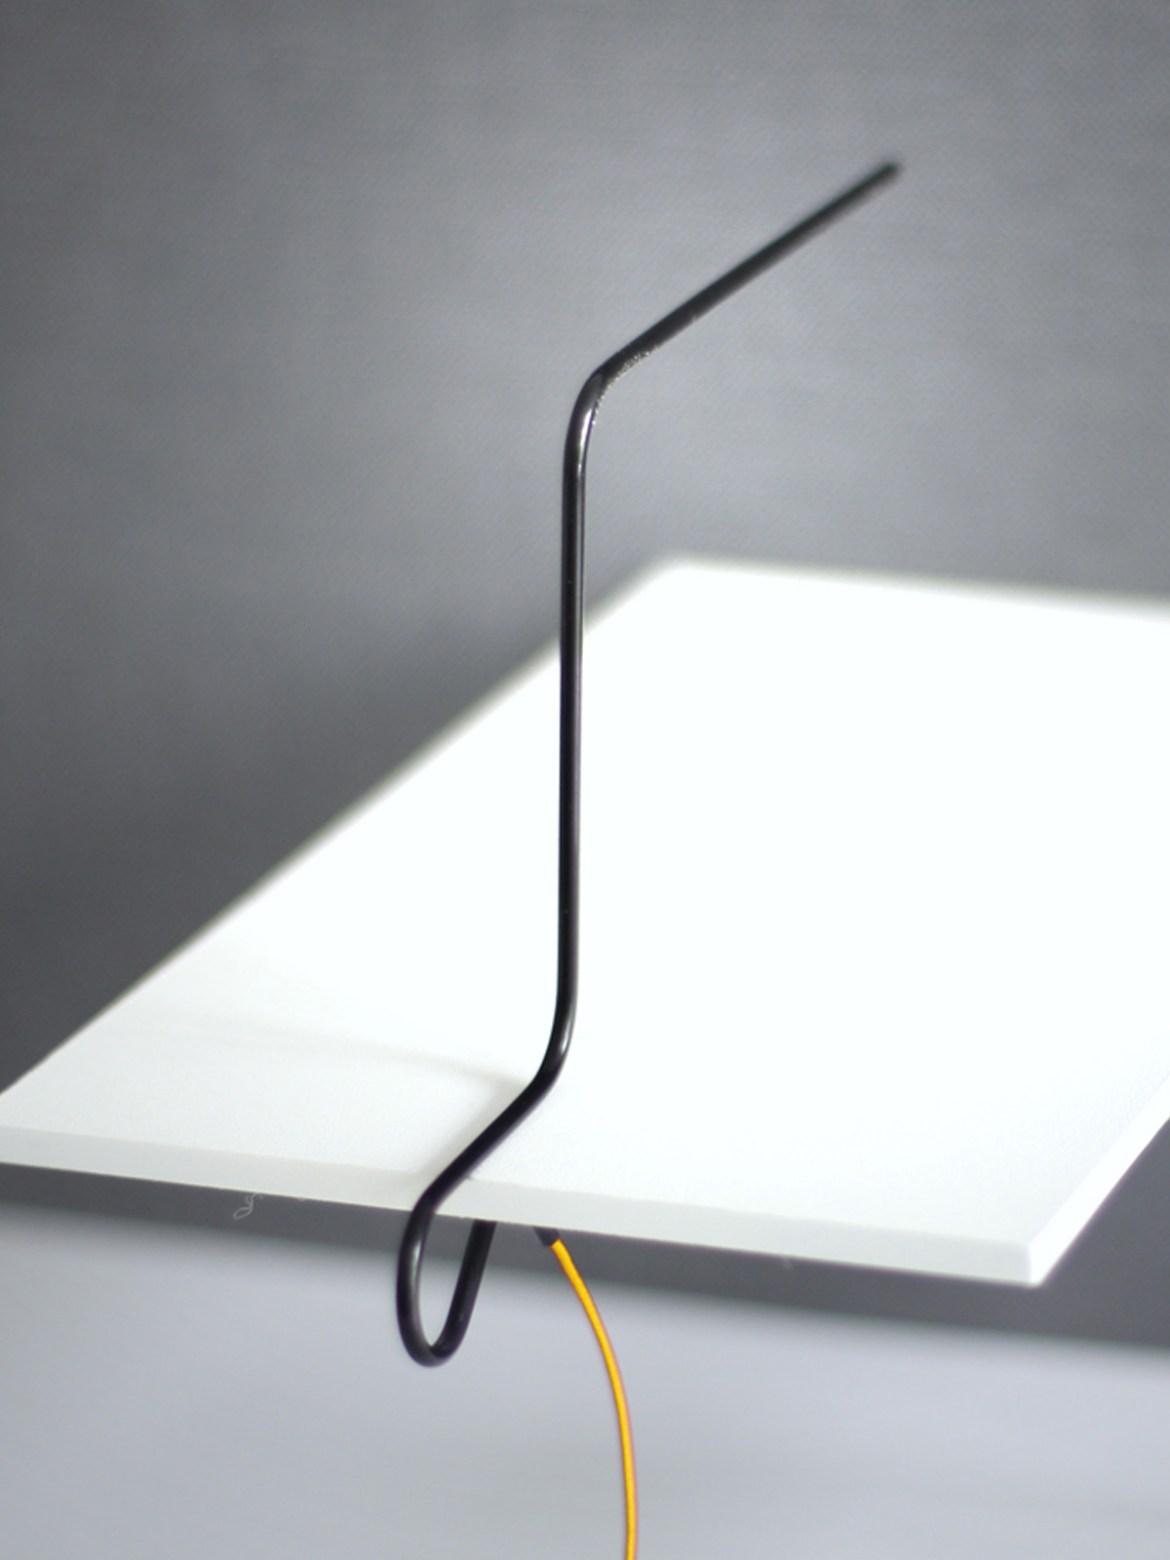 DesignOrt Blog: Beleuchtung für das Home Office C lamp von roomsafari Berlin Design